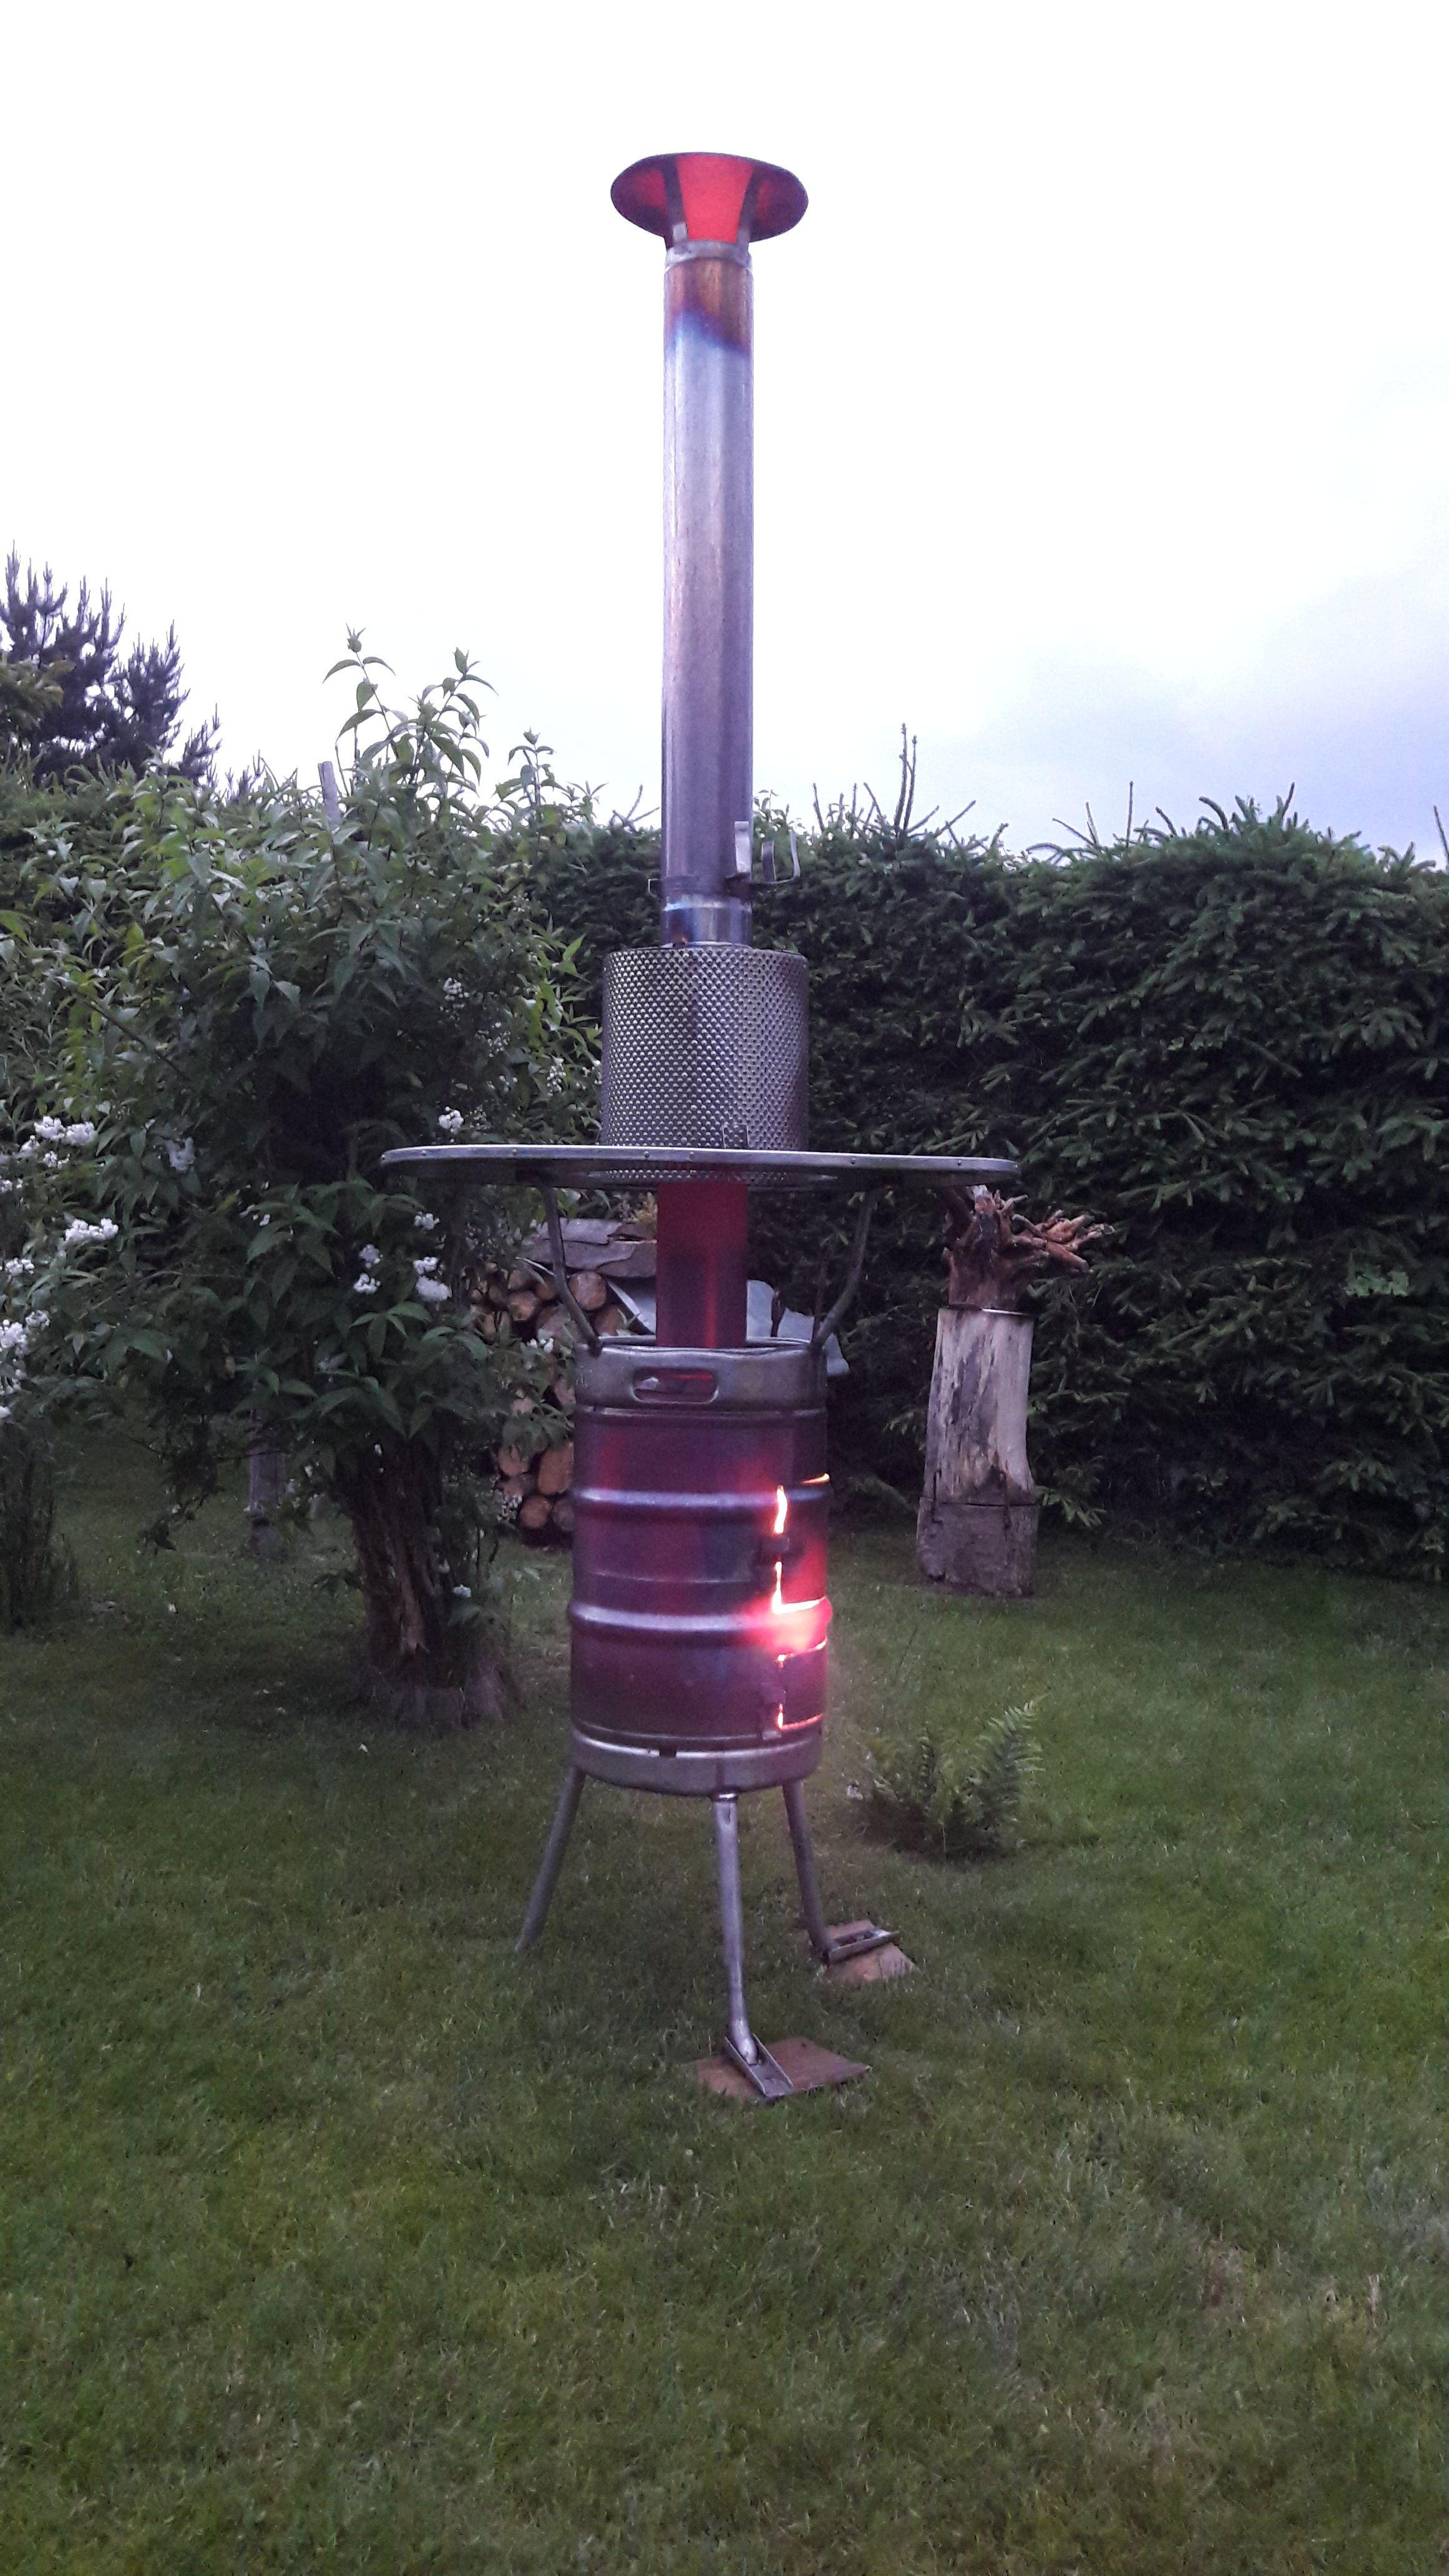 Mein Selbst Gebauter Heizpilz Bierfass Feuerloscher Selber Bauen